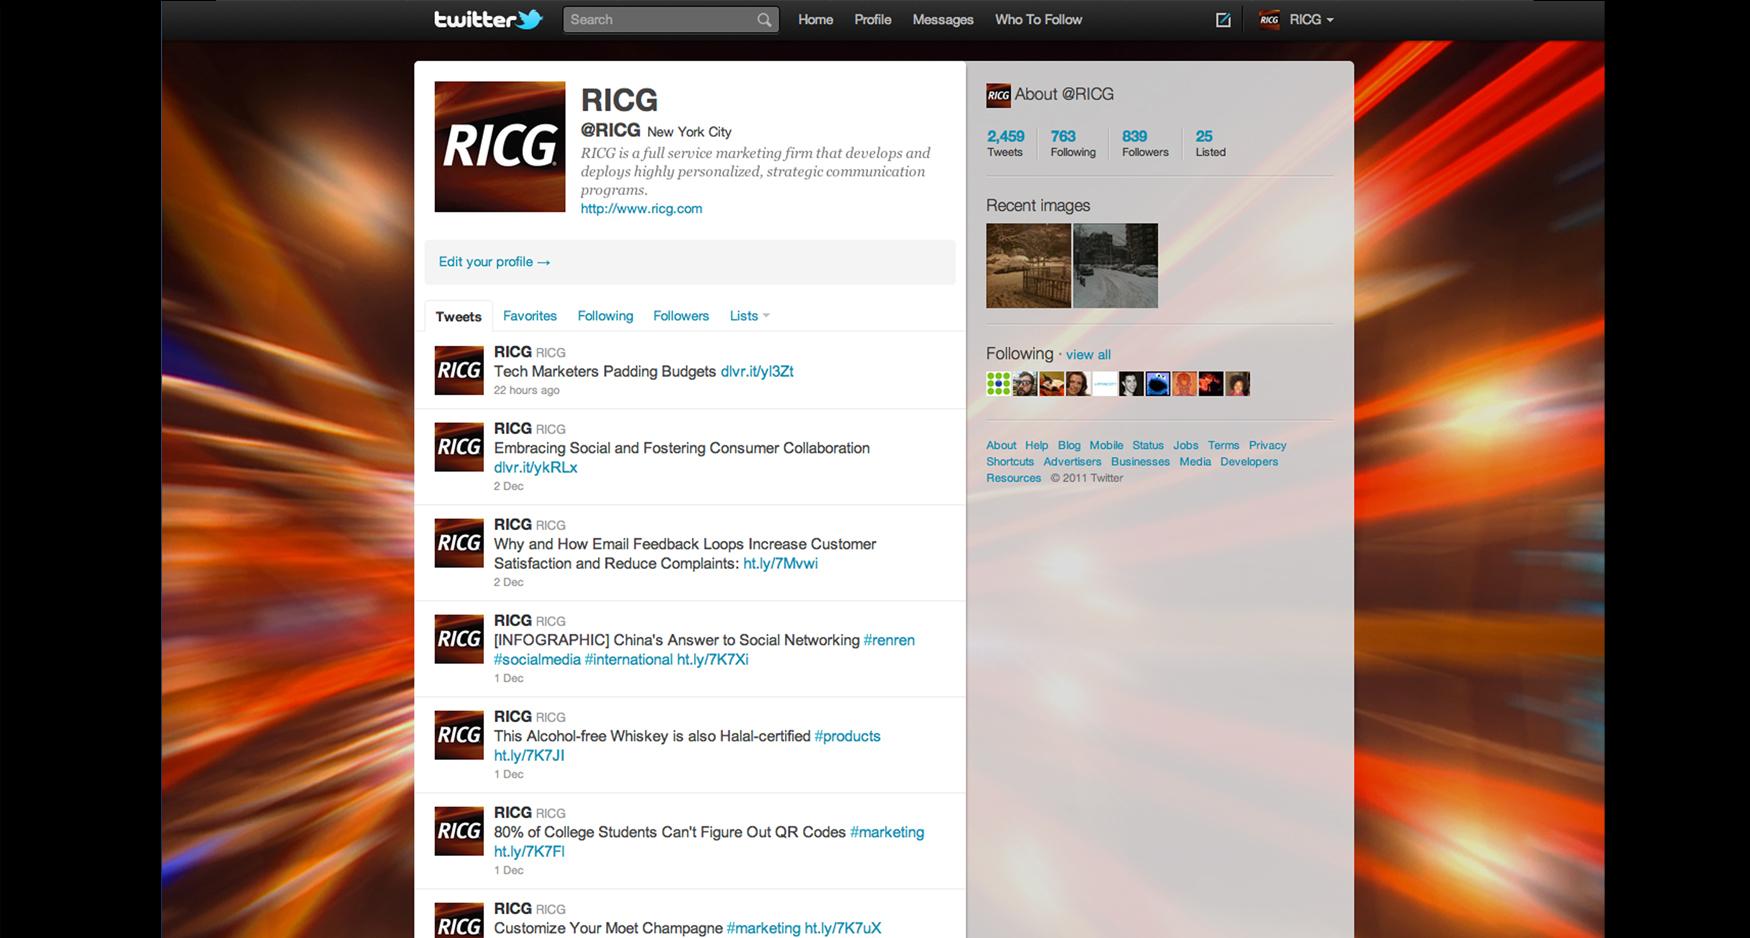 11 RICG Twitter1 - RICG - SOCIAL MEDIA